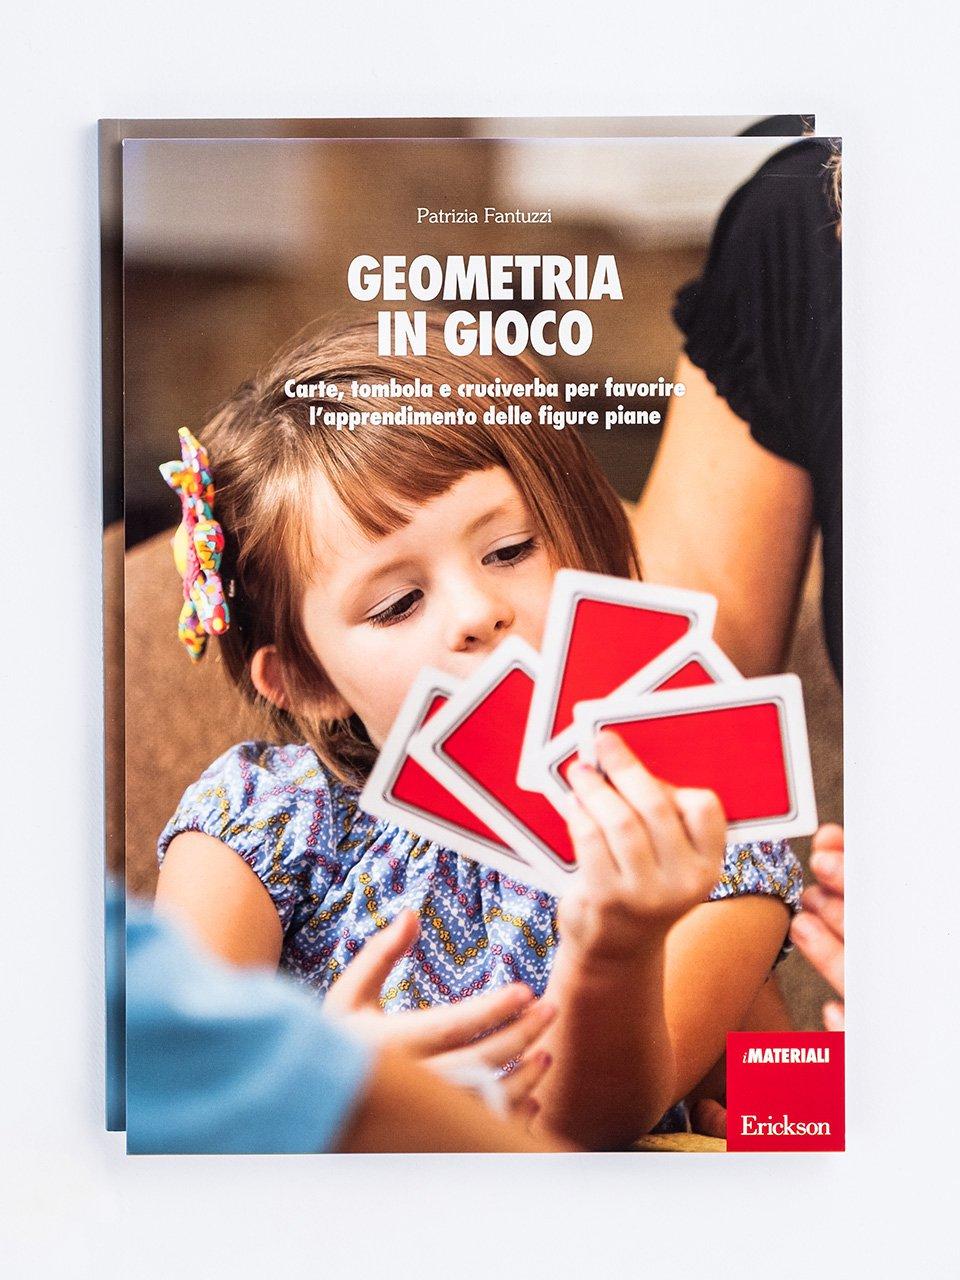 Geometria in gioco - Il mago dei numeri - App e software - Erickson